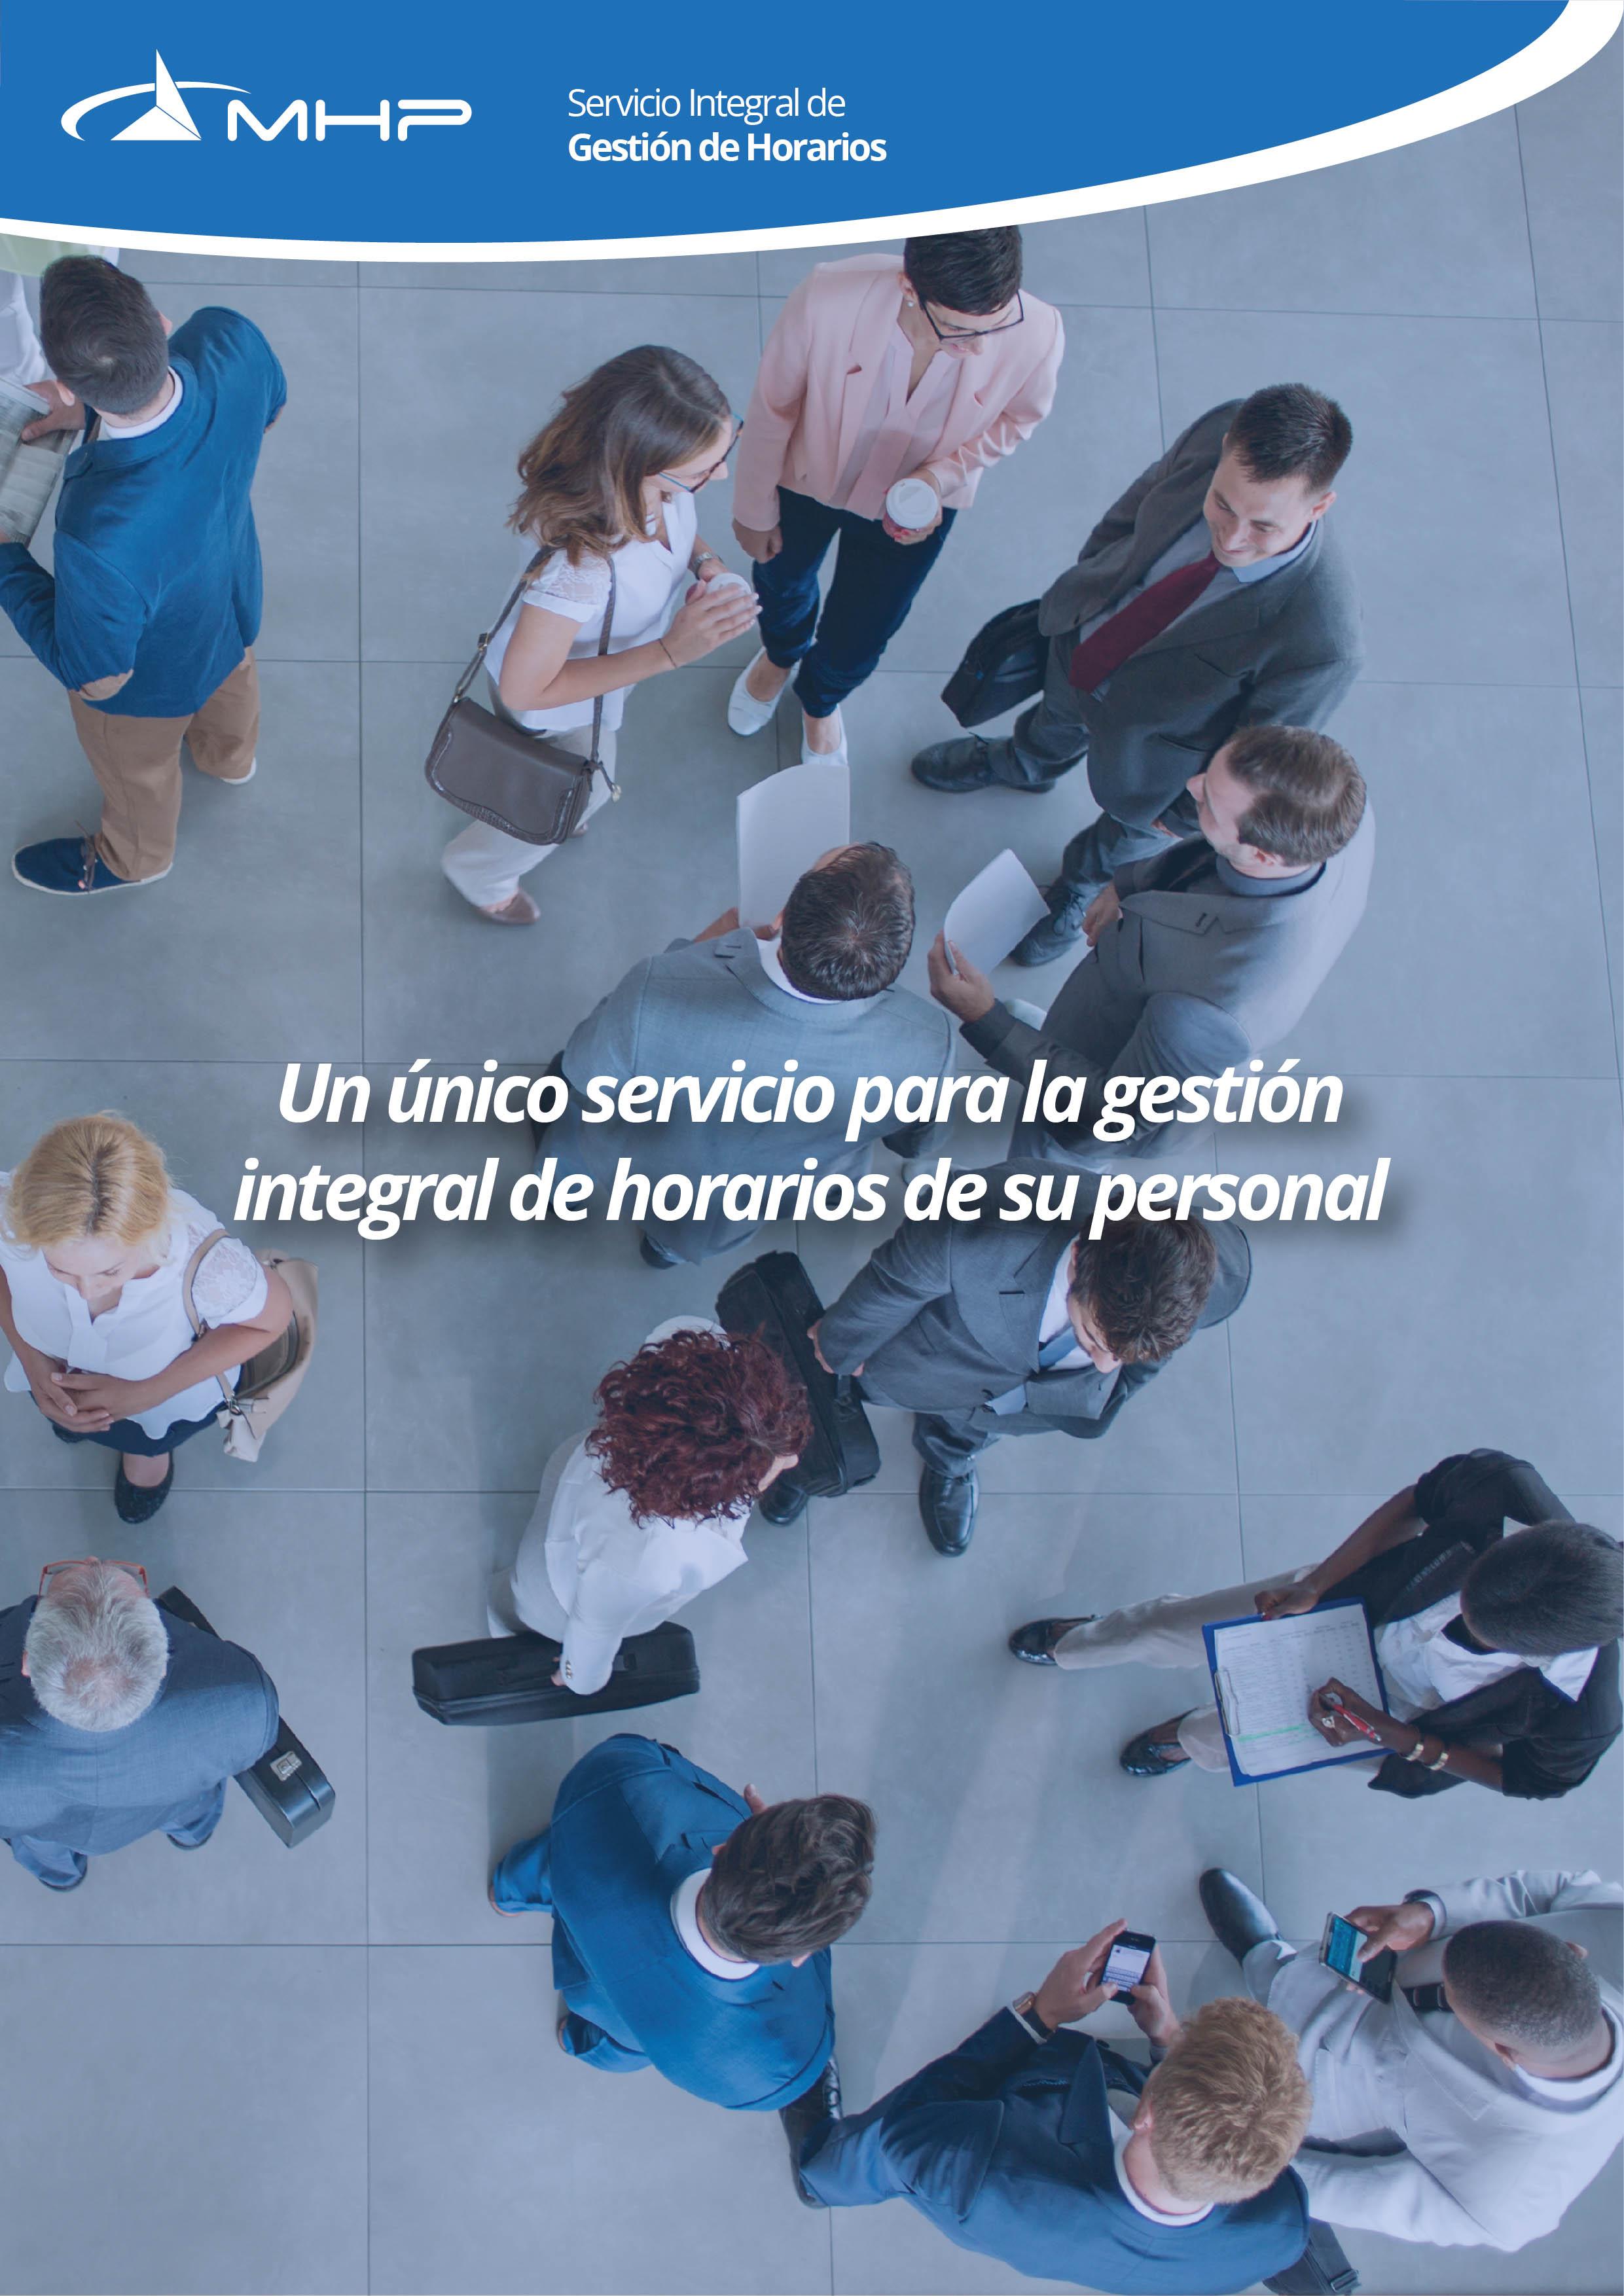 Folleto Servicio Integral de Gestión de Horarios de MHP